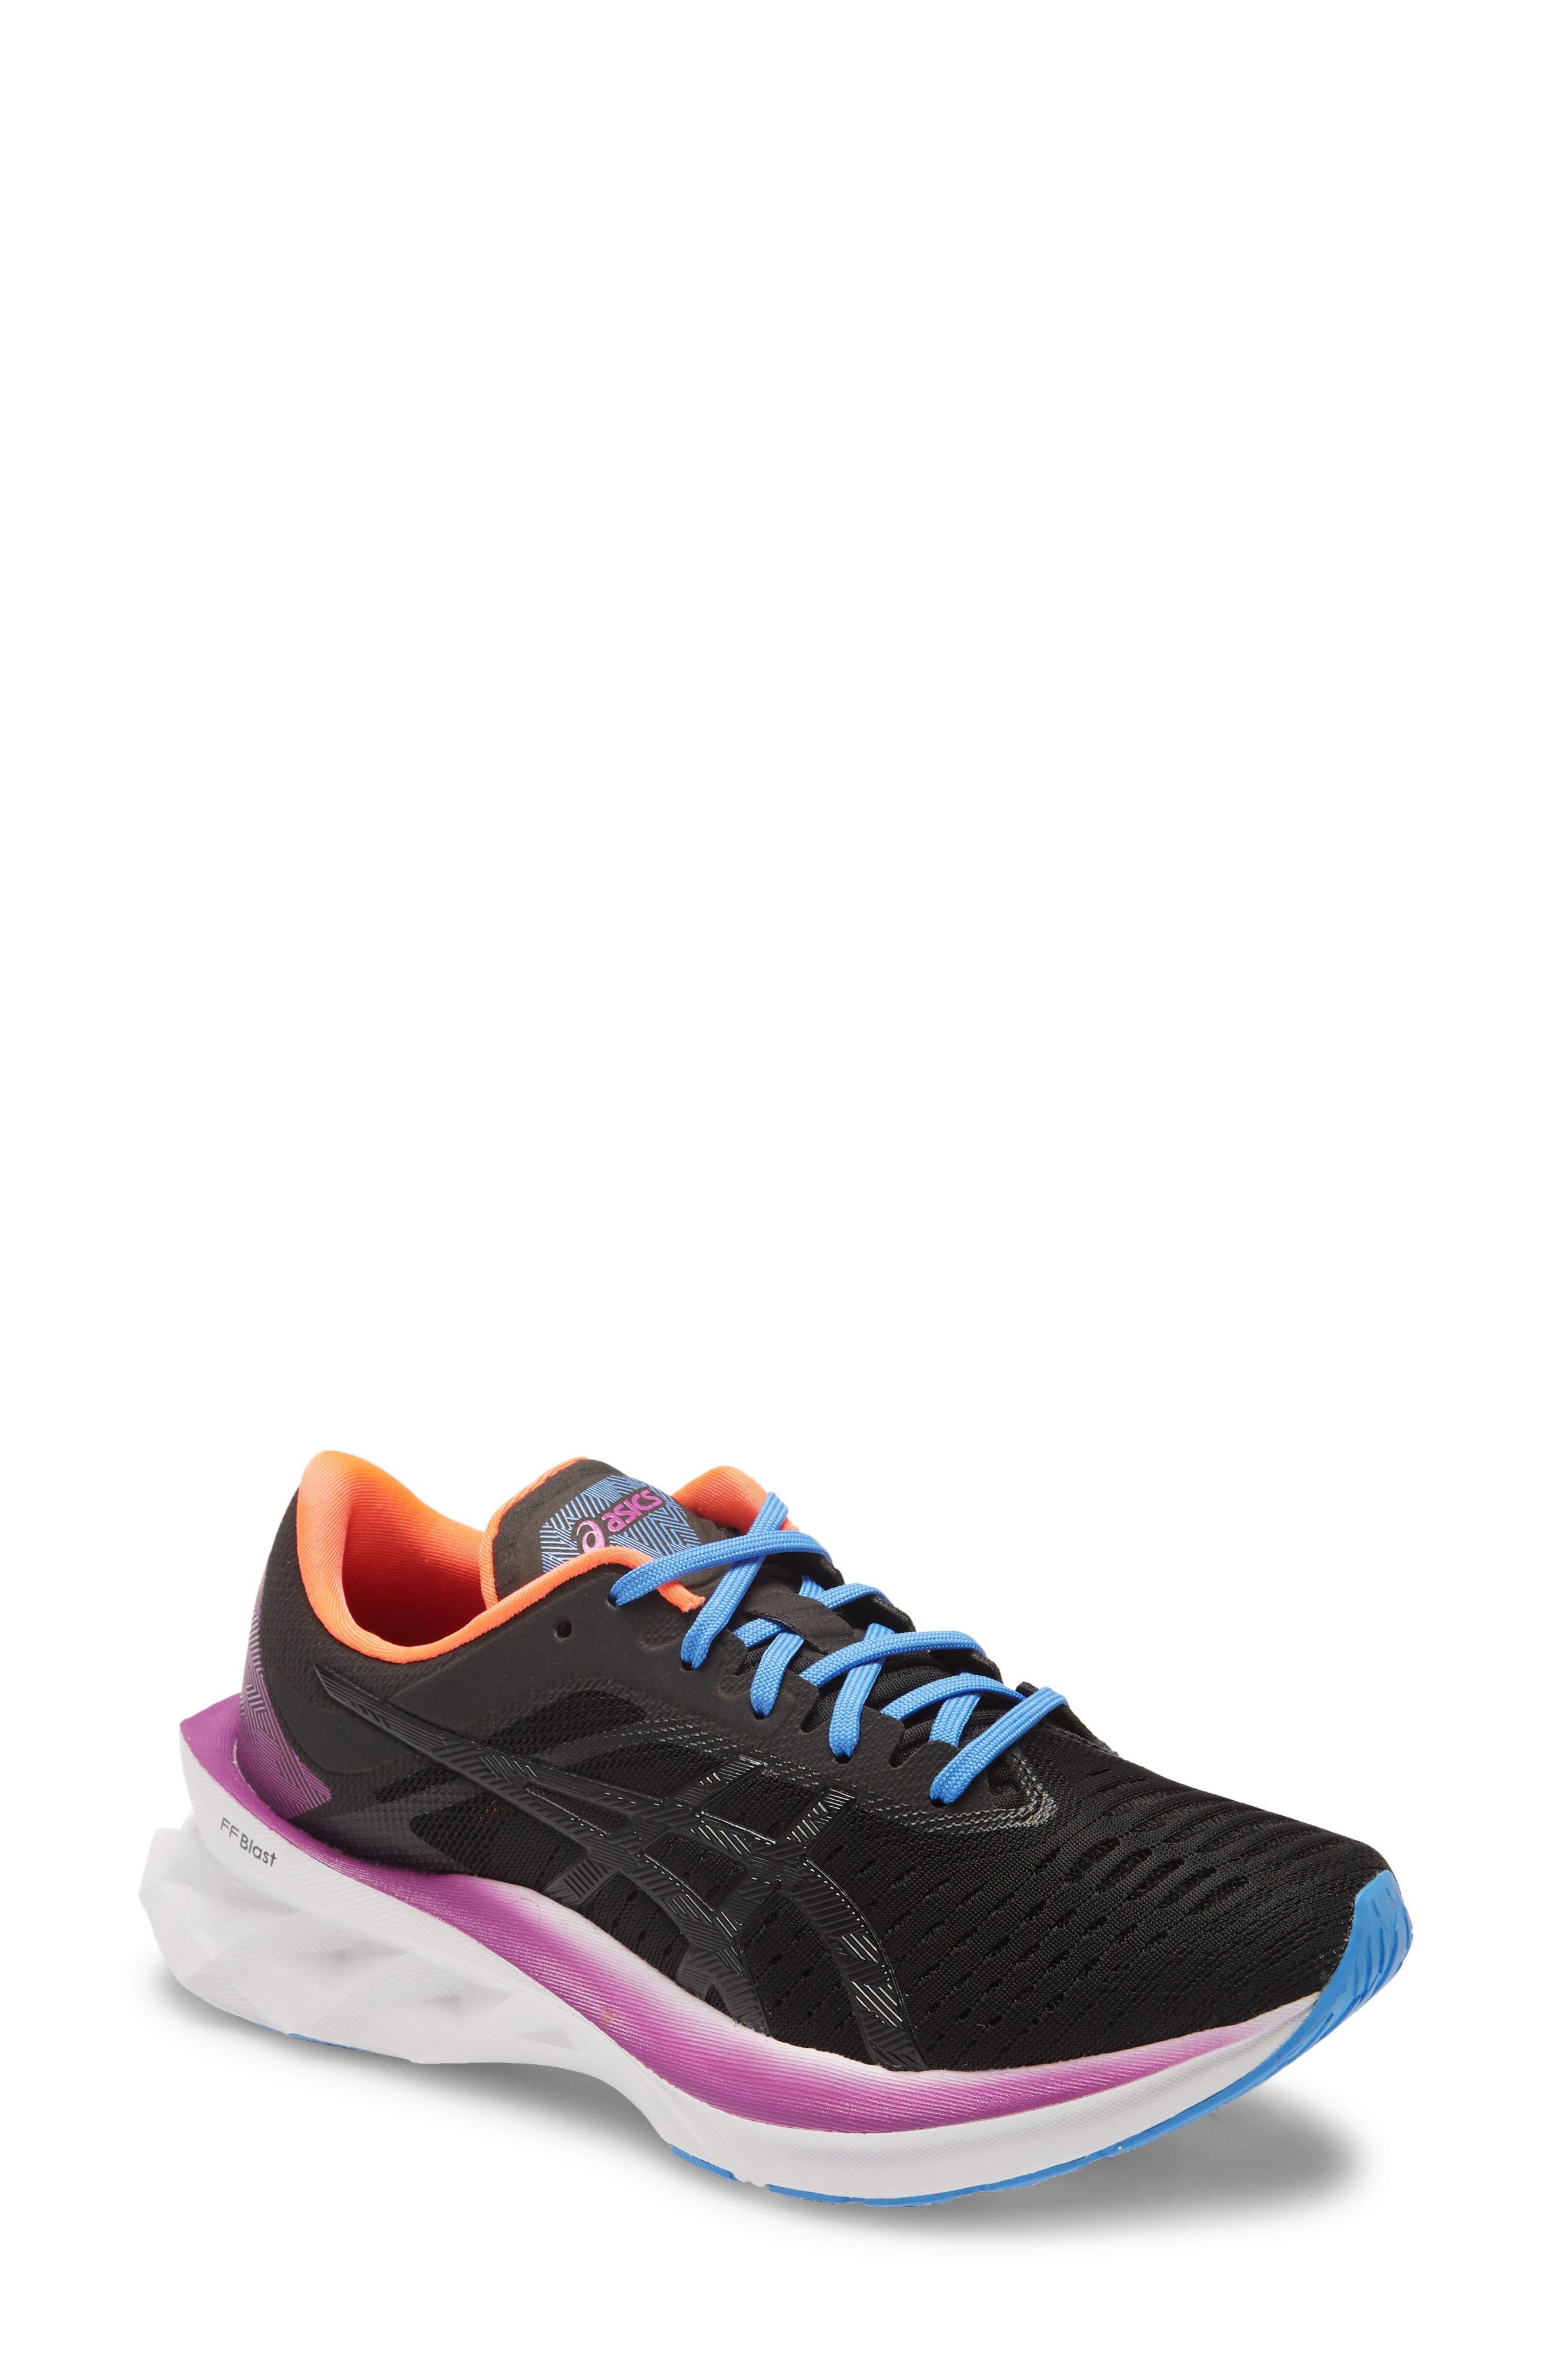 Women's Asics Novablast Running Shoe